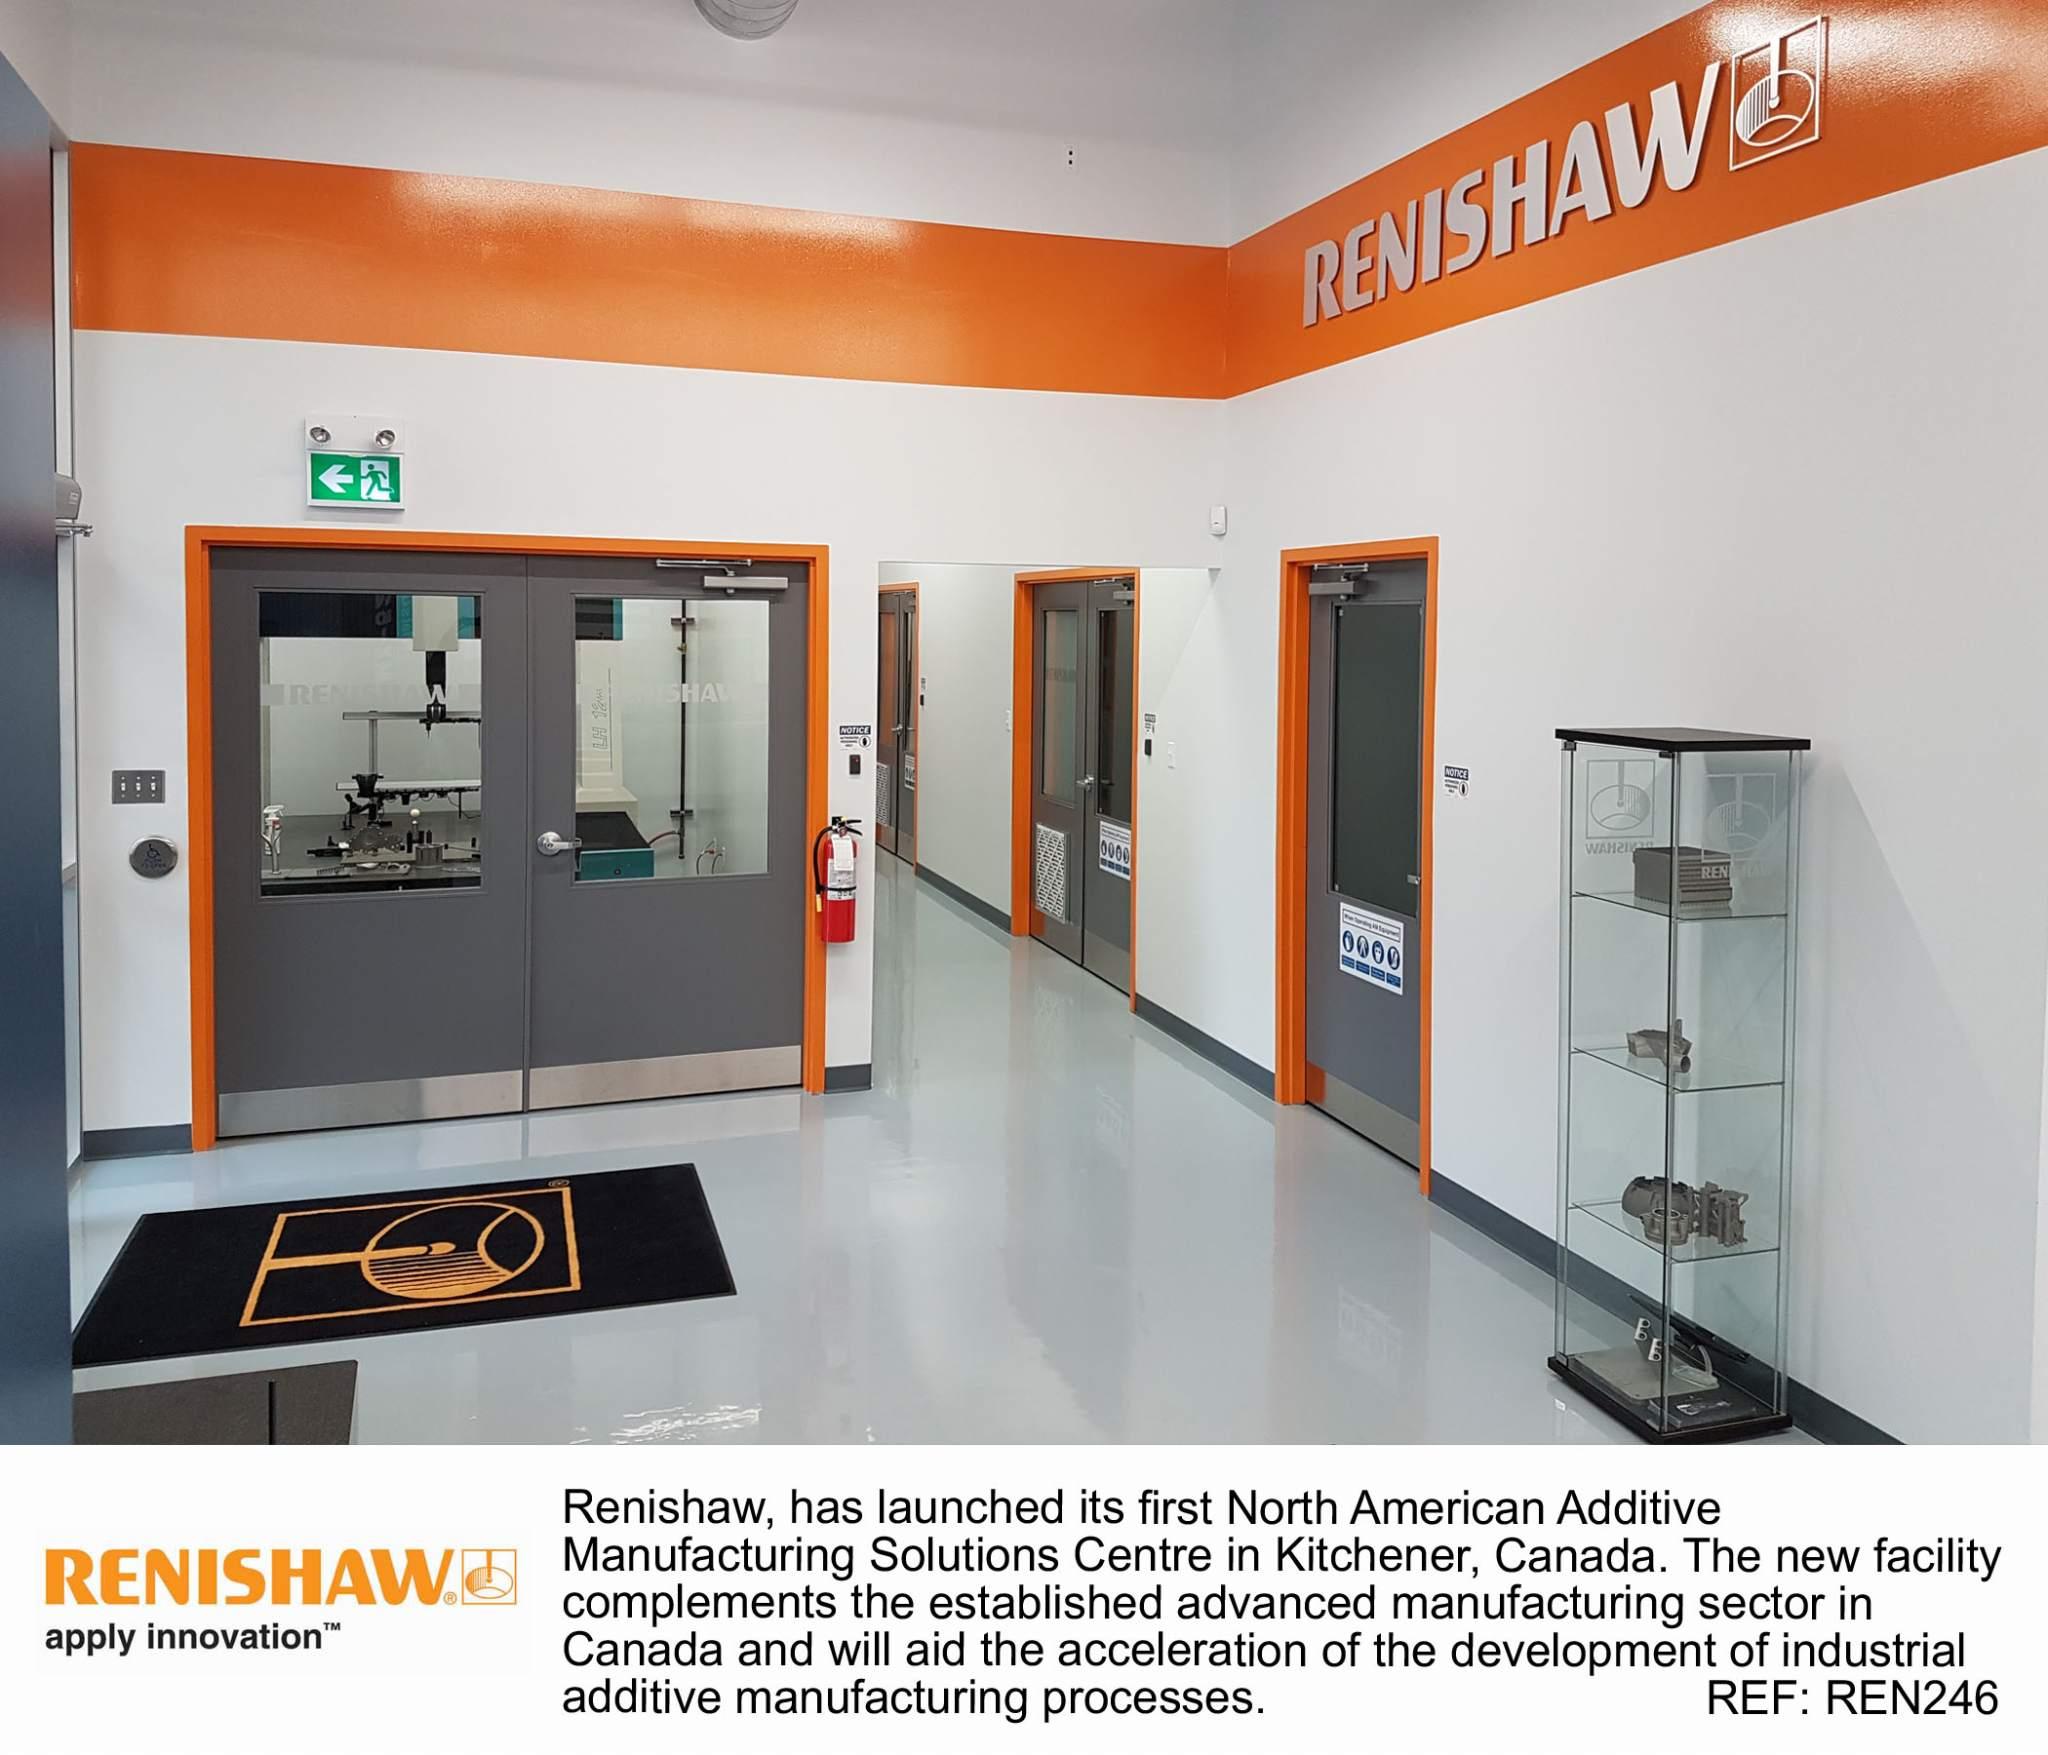 Inside Renishaw's new Kitchener facility. Image via Renishaw.